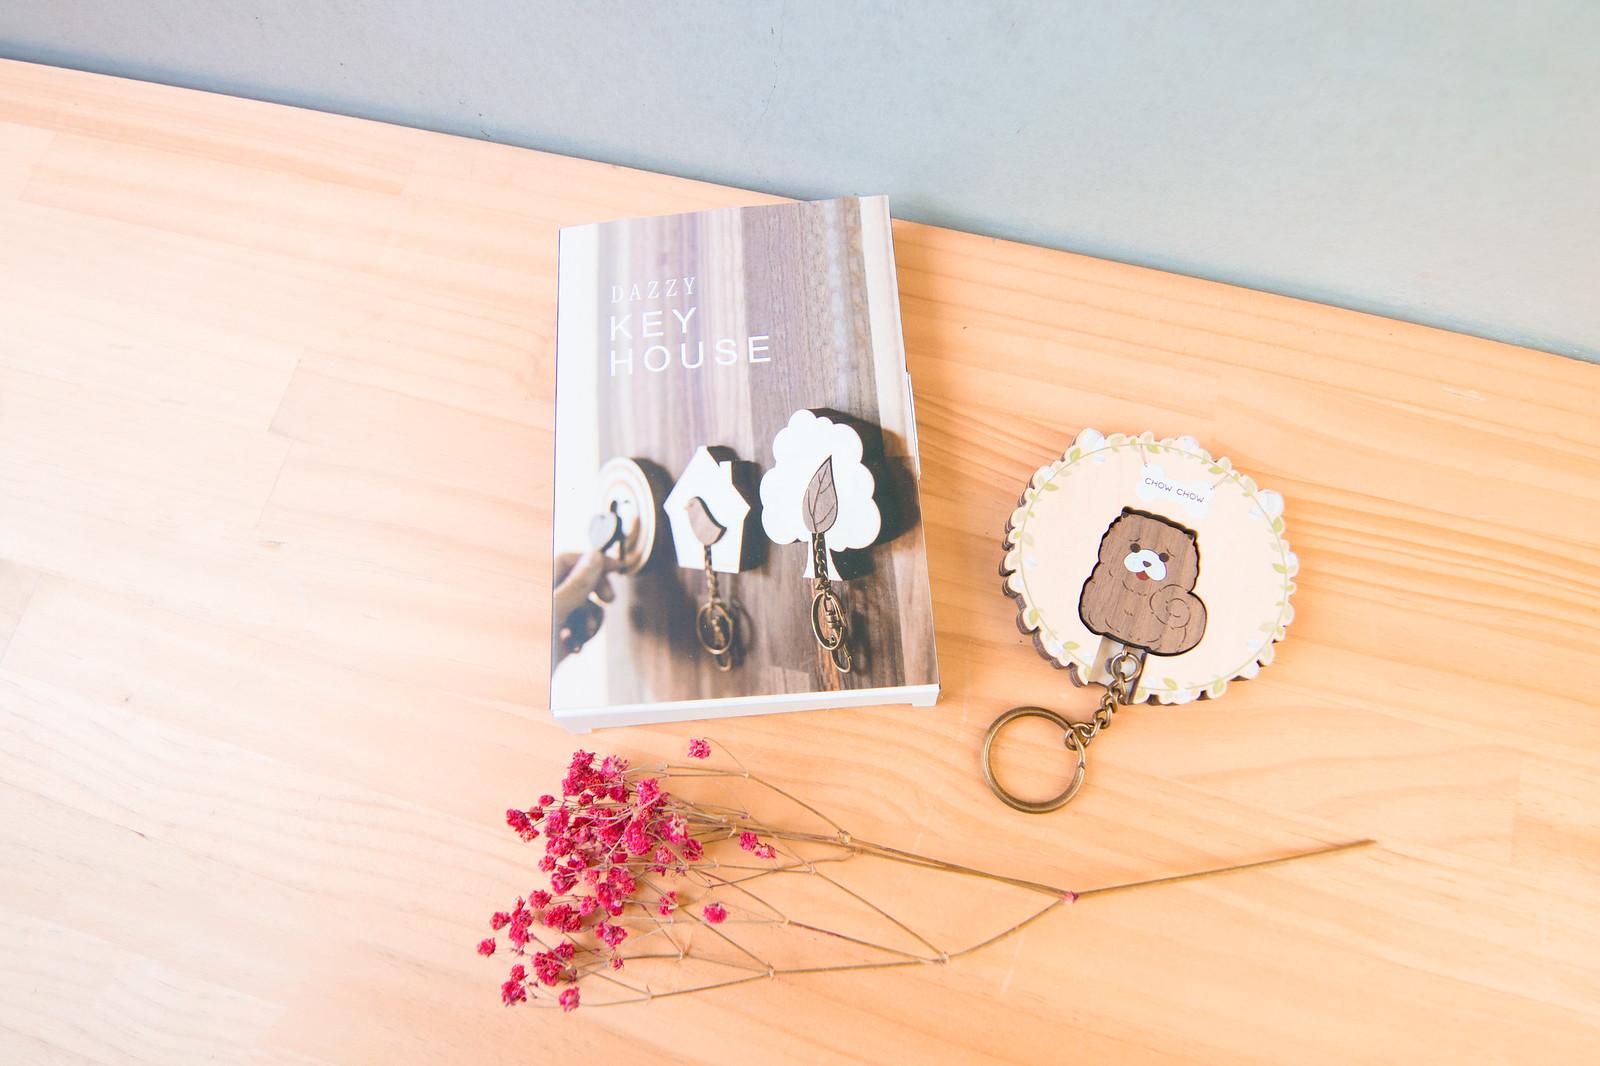 鑰匙圈 客製化 禮物 特色產品 居家 台灣設計 生日 情人節 動物 療癒 狗 聖誕節 收納 裝飾 吊飾 送禮 中性 木 楓木 胡桃木 鑰匙